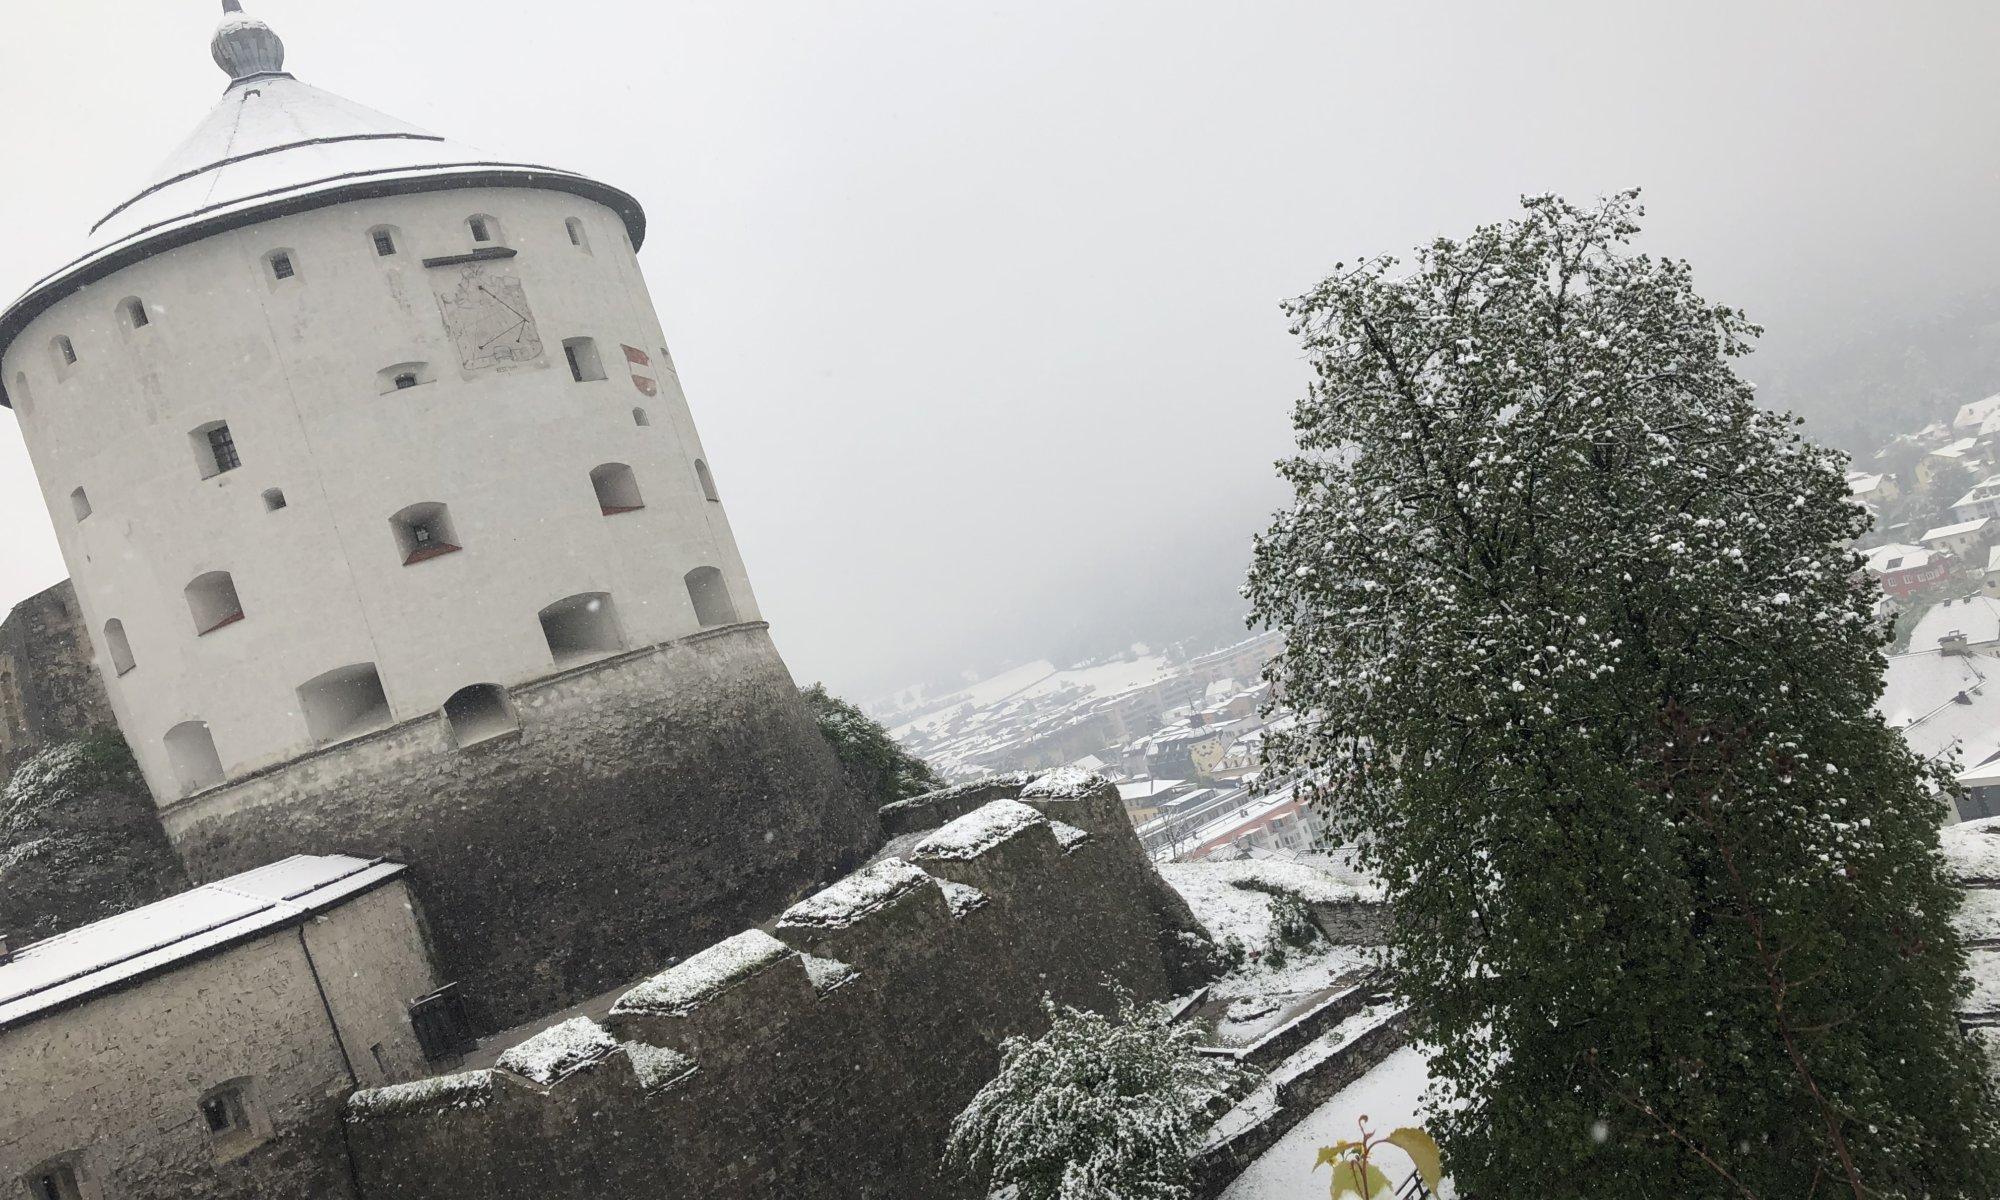 Festung Kufstein, Austria